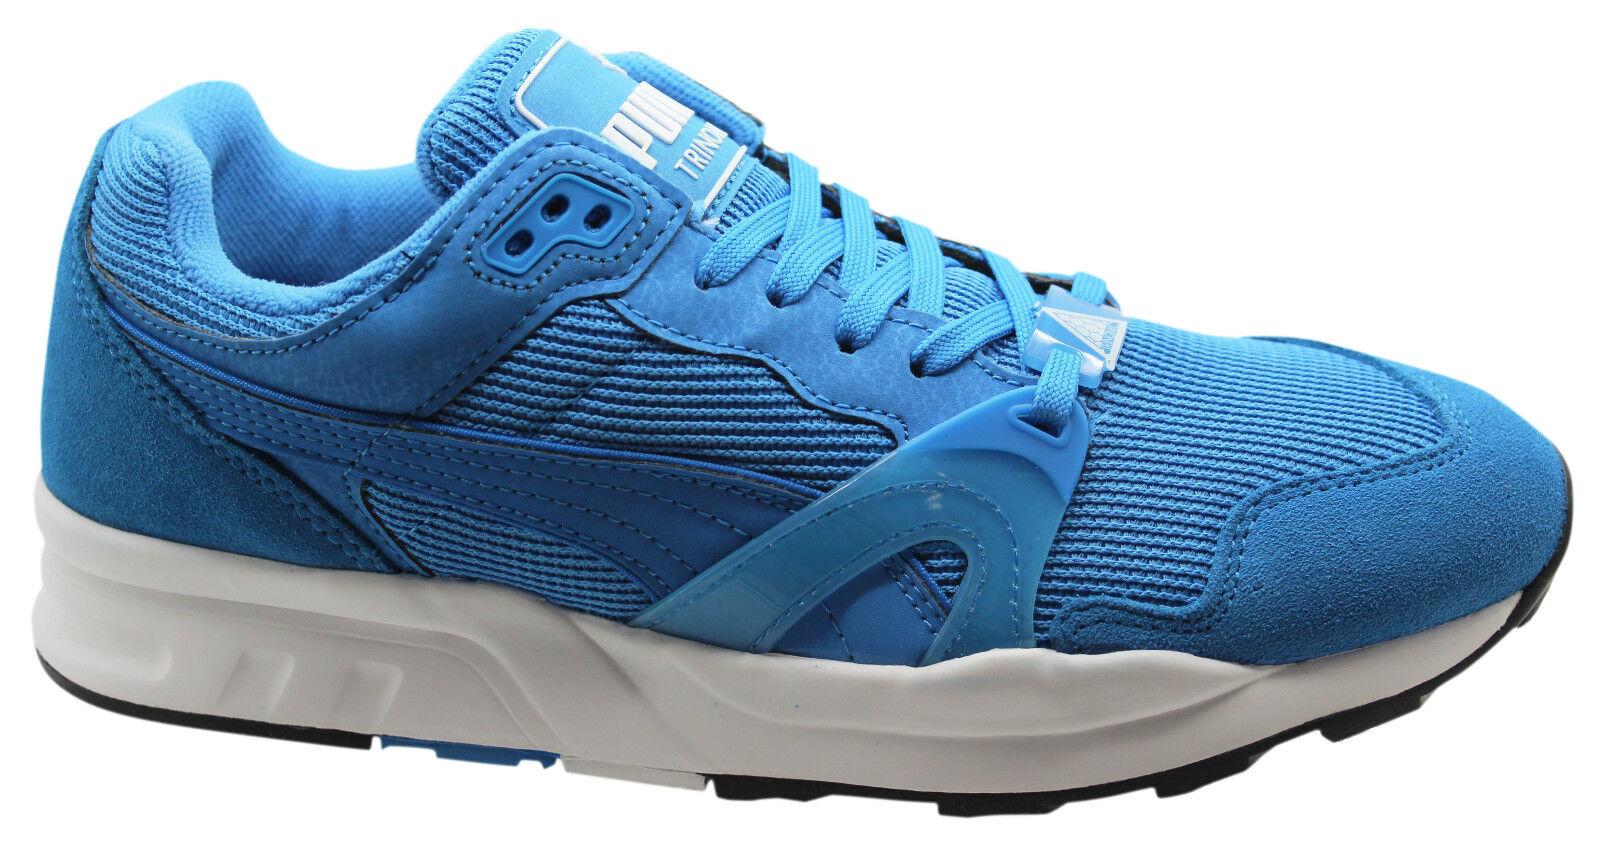 Puma Trinomic XT 1 Plus Mono homme Trainers Unisex chaussures Bleu Lace 359413 01 D104